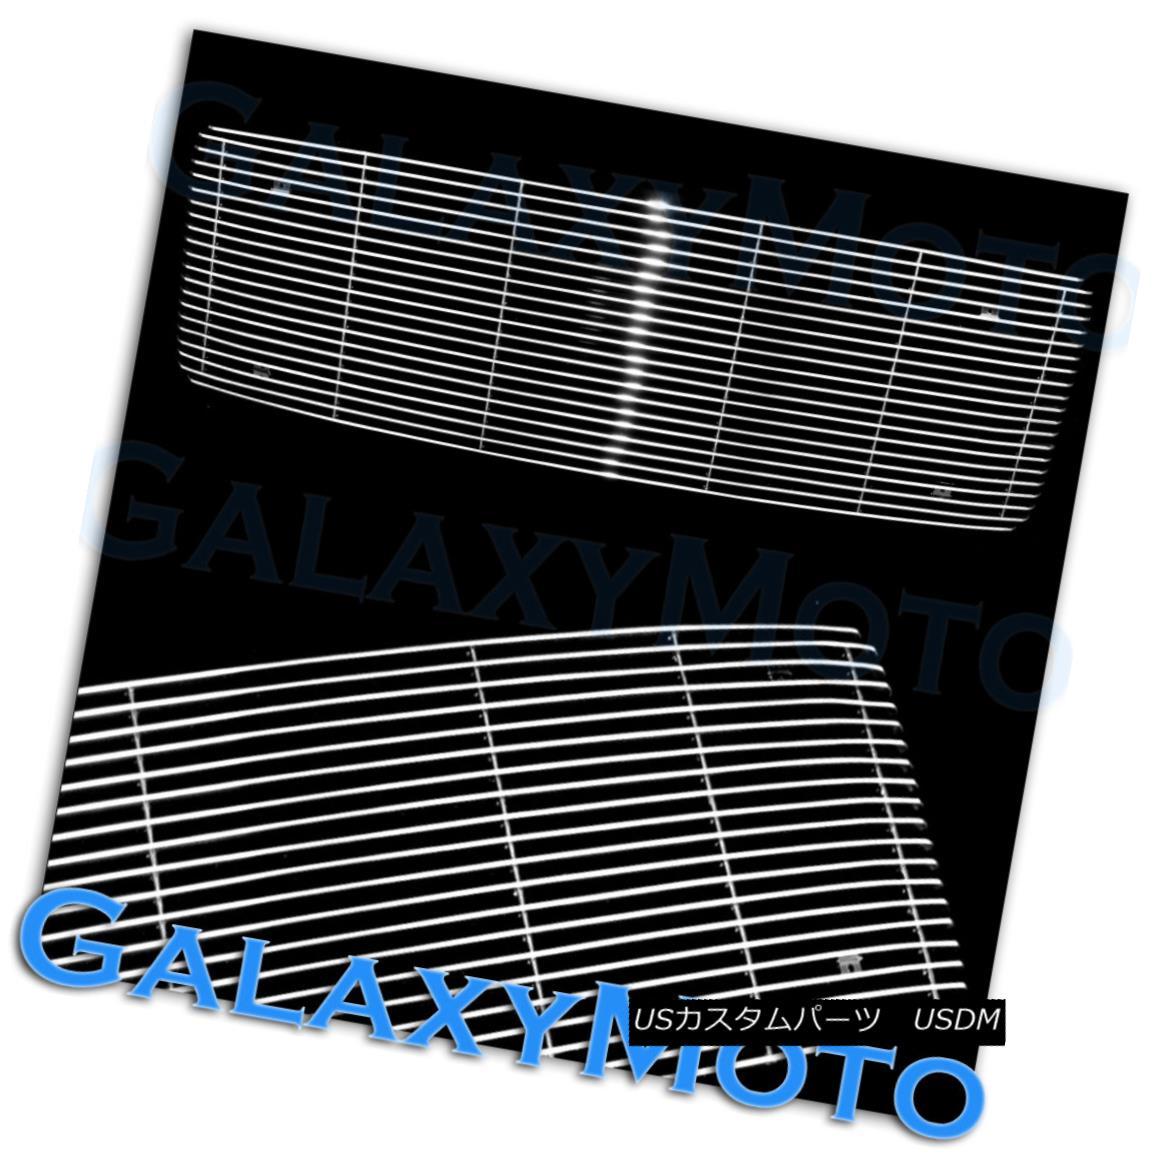 グリル 09-14 Ford F150 F-150 Upper Polished Aluminum Chrome Billet Grille Cutout Insert 09-14フォードF150 F-150アッパー・ポリッシュ・アルミニウム・クロム・ビレット・グリル・カットアウト・インサート